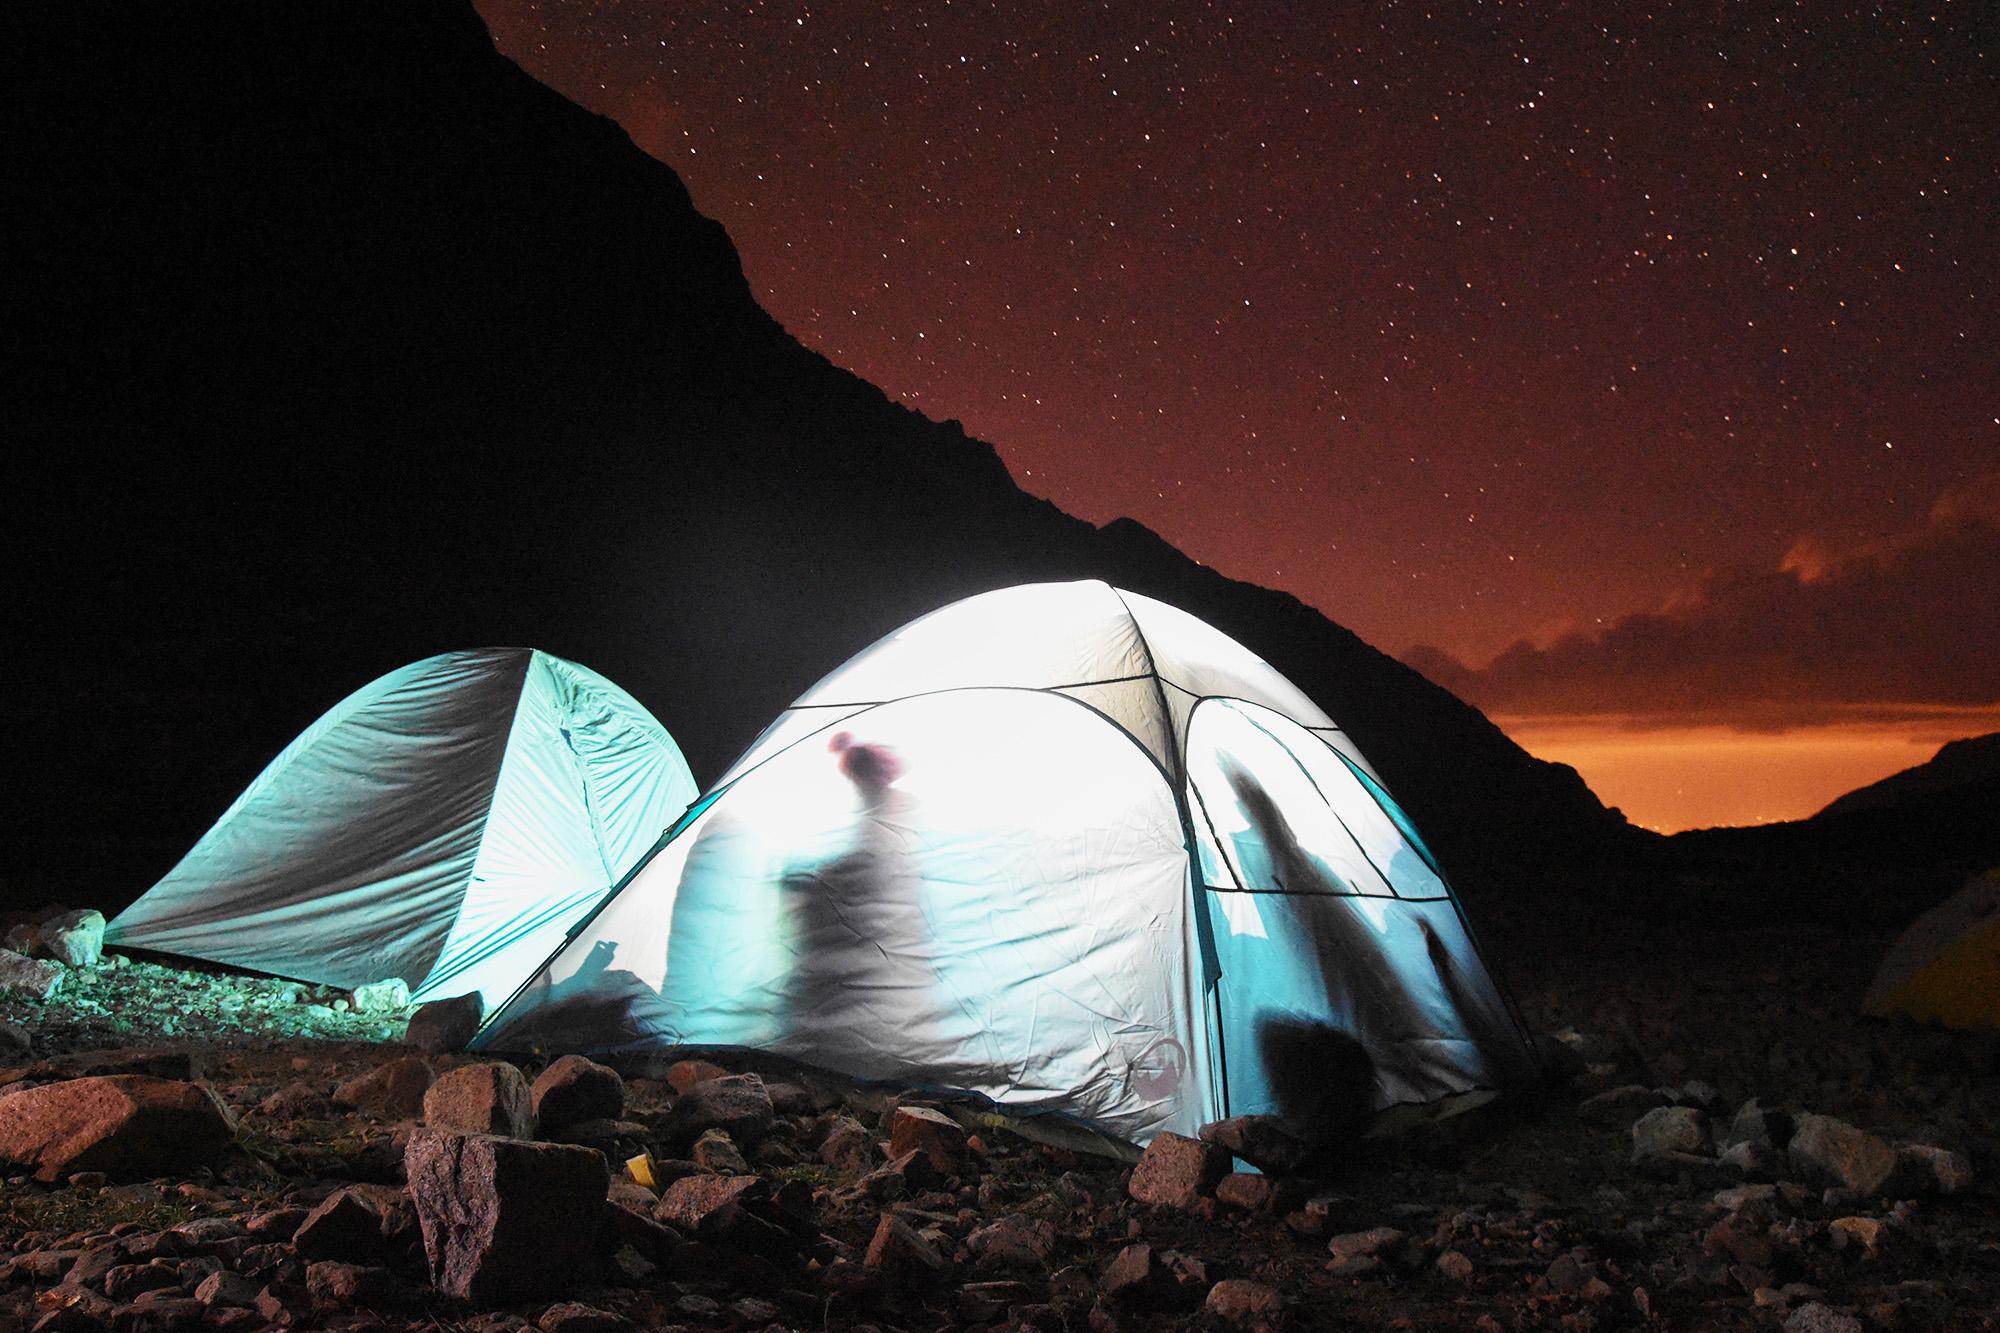 Noches estrelladas en plena cordillera. Un lujo del Cruce de los Andes. (Ph Andrómeda agencia)